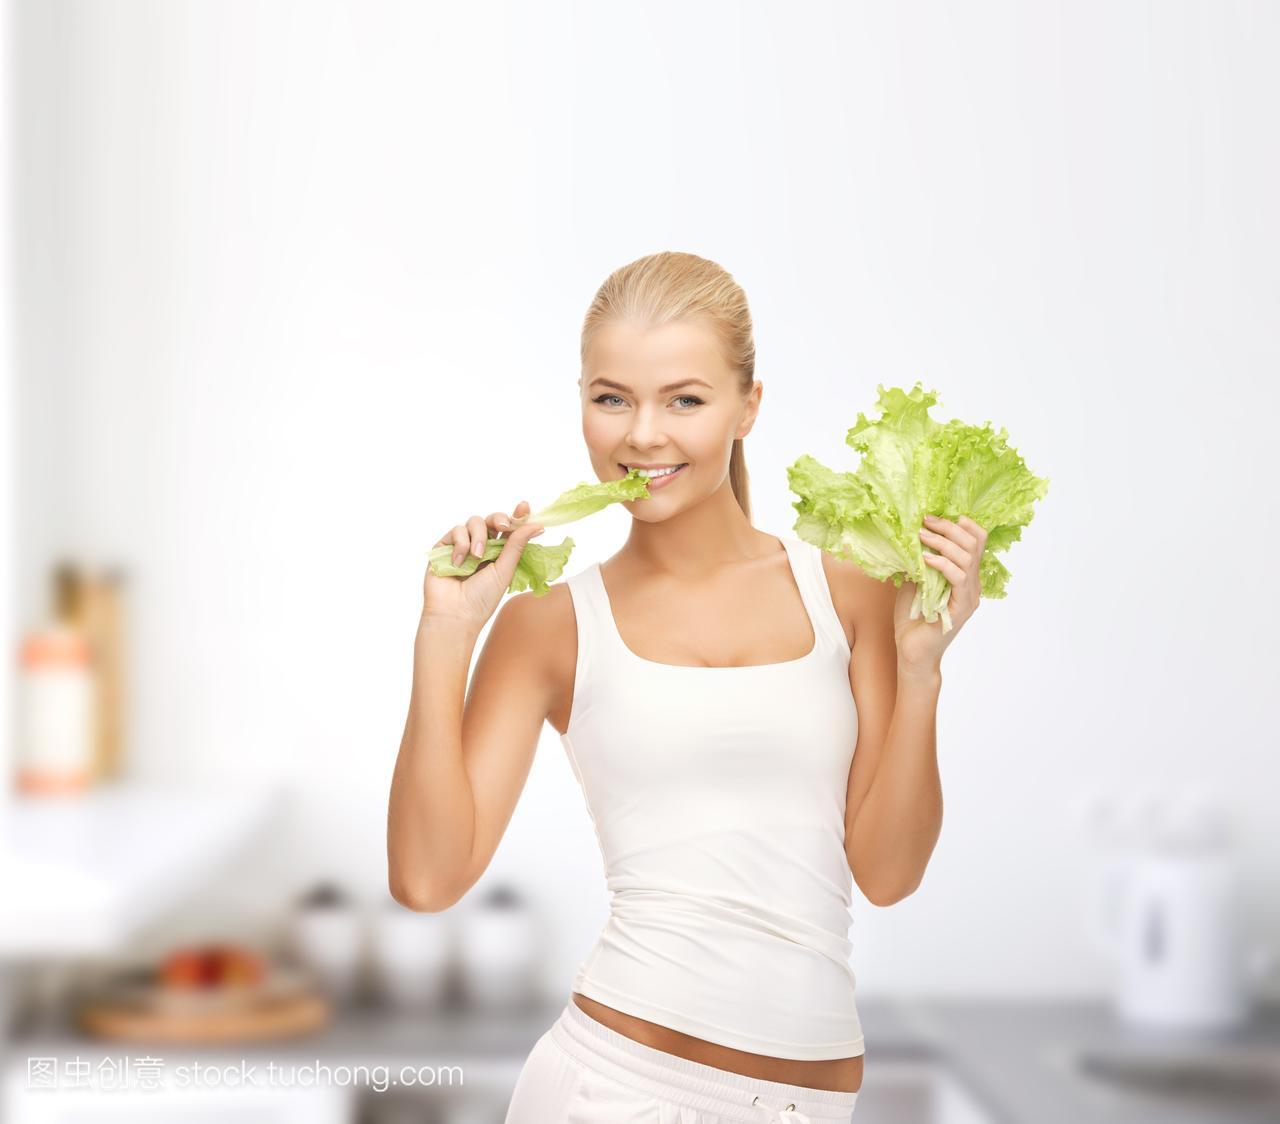 减肥,节食,日常饮食,维他命,所有物,私有物,赐顾义乌瘦脸针欧莱美挺好图片